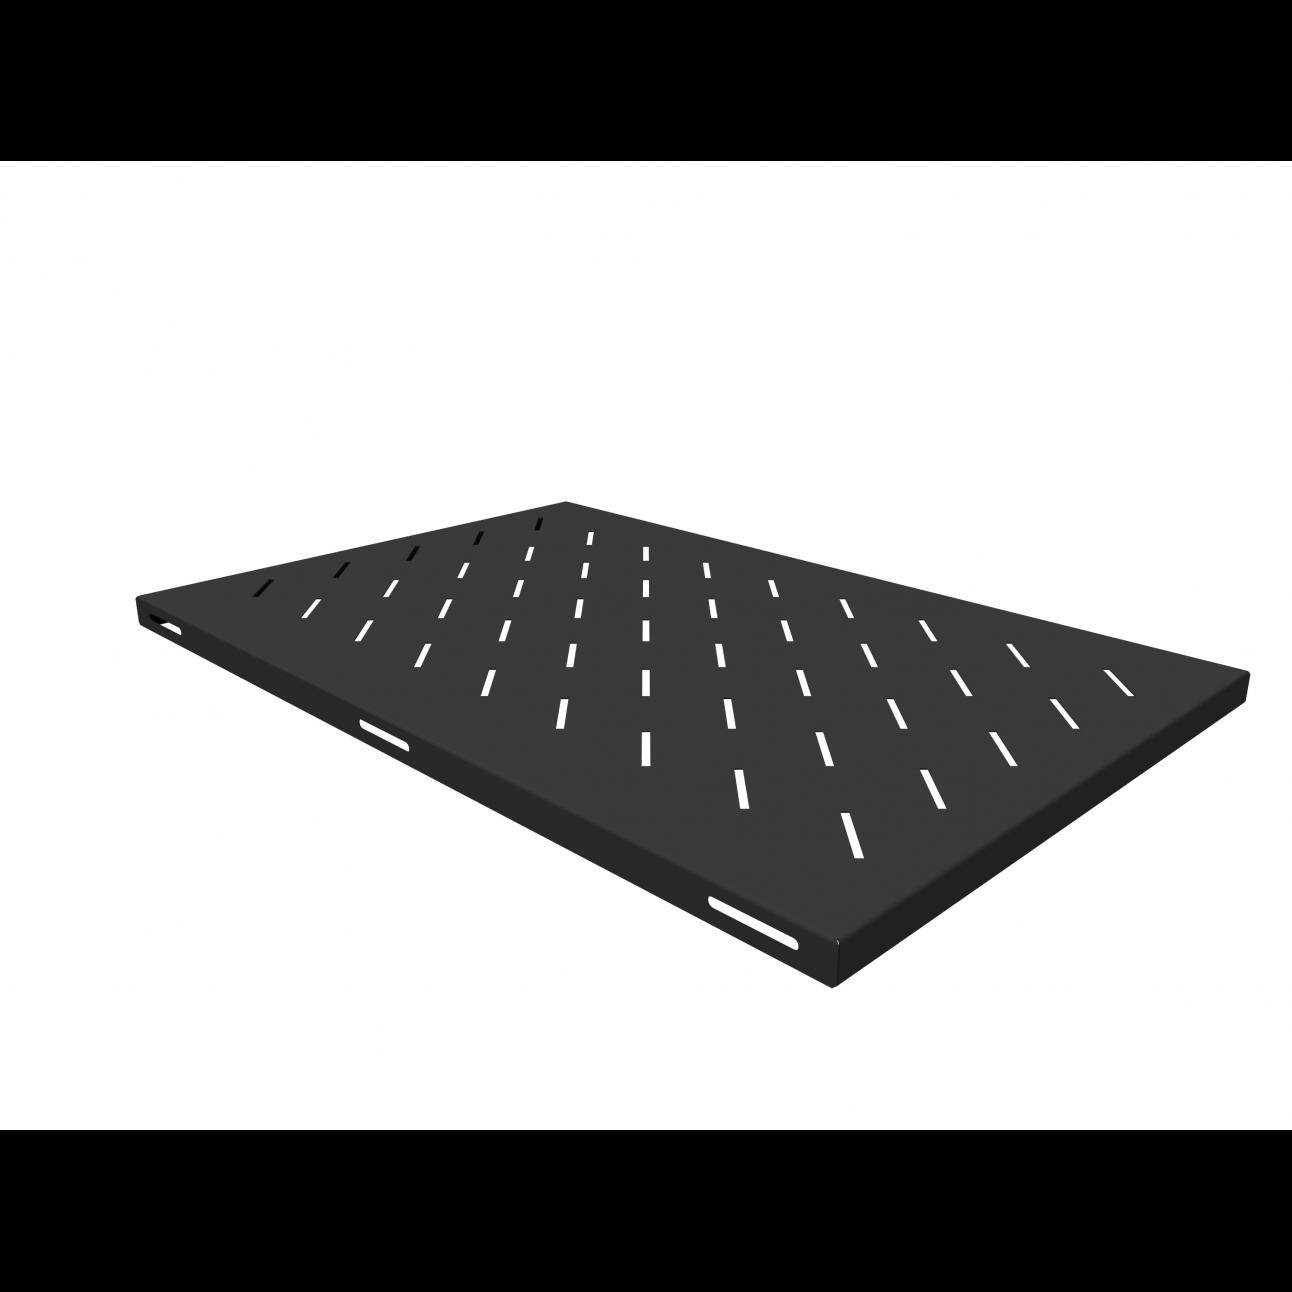 Полка стационарная для шкафов глубиной 1000мм, (глубина полки 710мм) распределенная нагрузка 20кг, цвет-черный (SNR-SHELF-10071-20B)